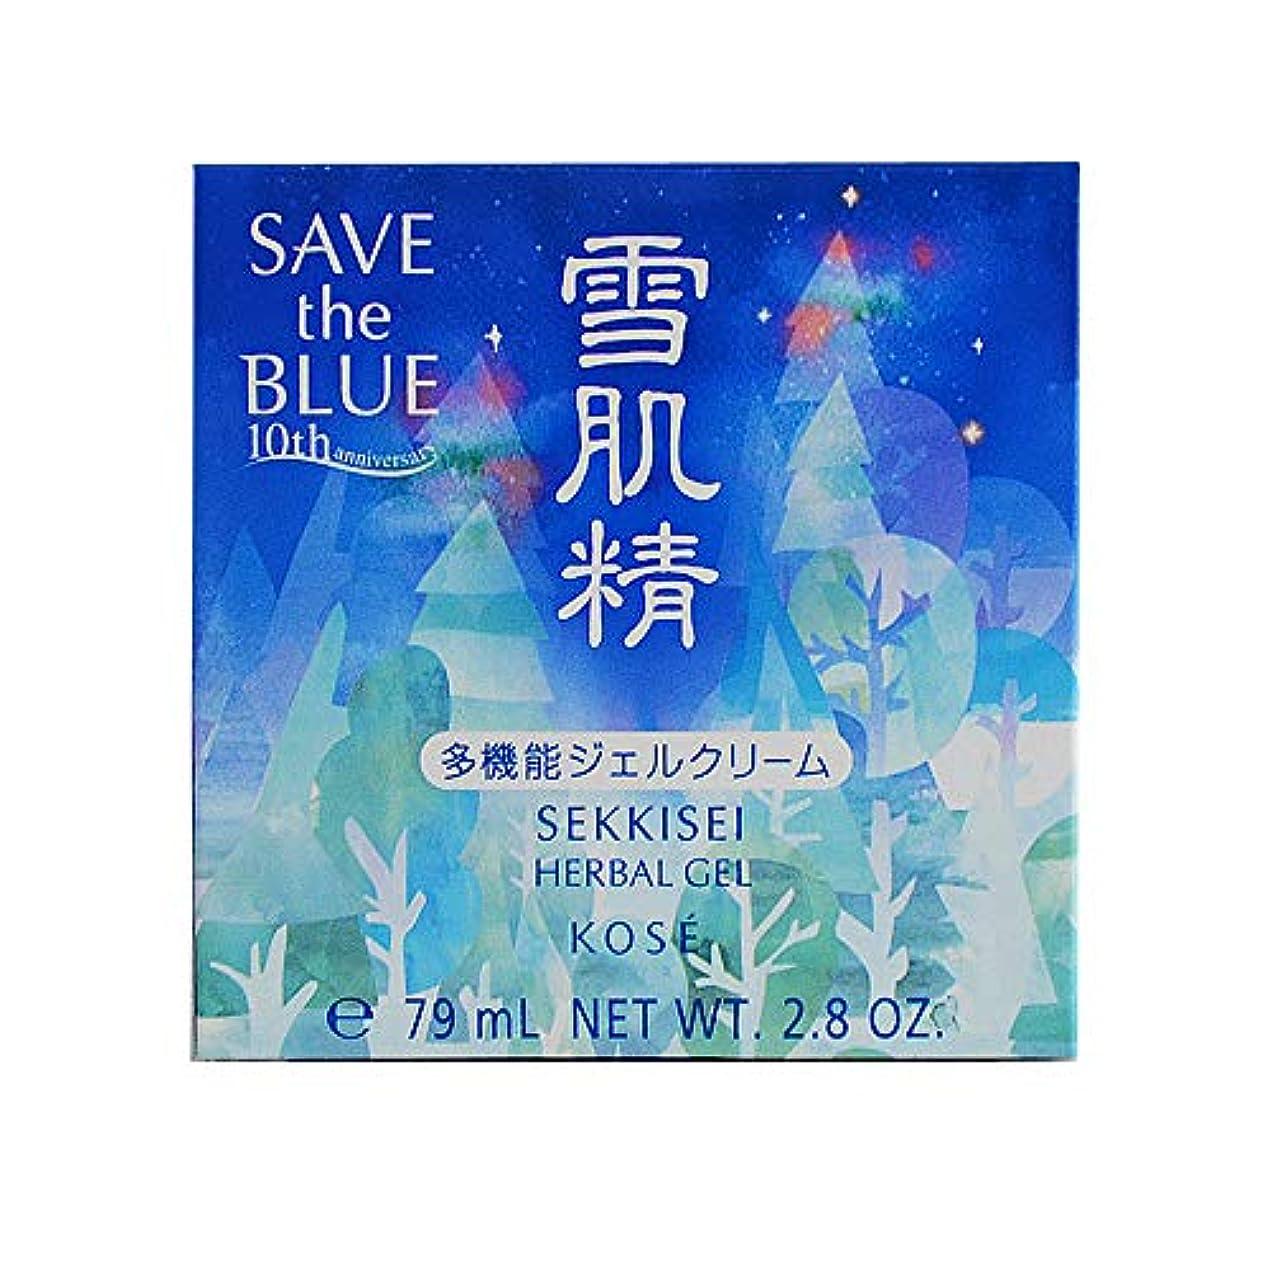 揺れるタクシーヘッドレスコーセー 雪肌精 ハーバルジェル 80g (SAVE the BLUE) [ フェイスクリーム ] [並行輸入品]